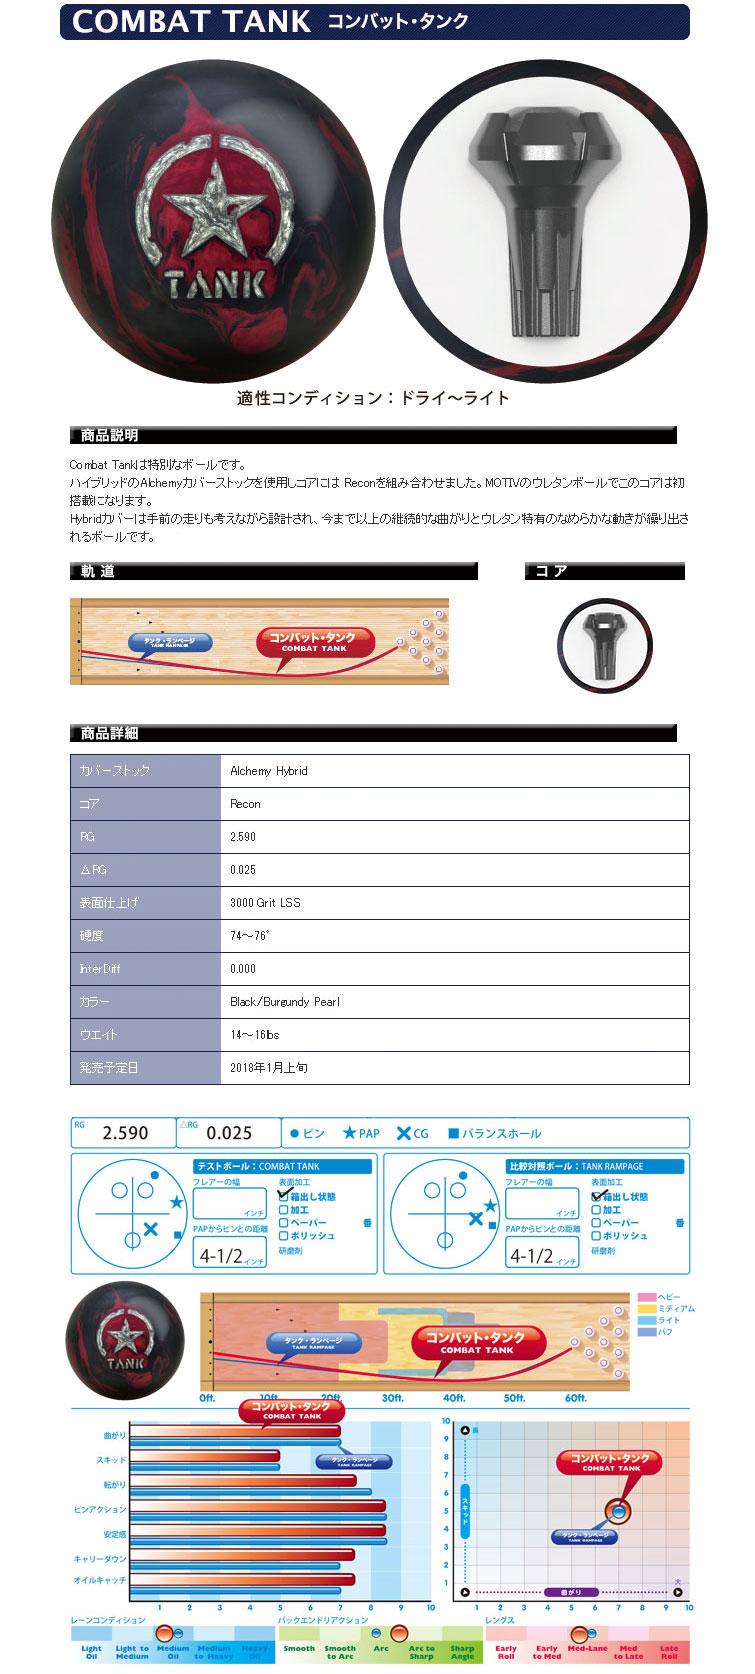 ボウリング用品 ボウリングボール モーティブ MOTIV コンバットタンク COMBAT TANK